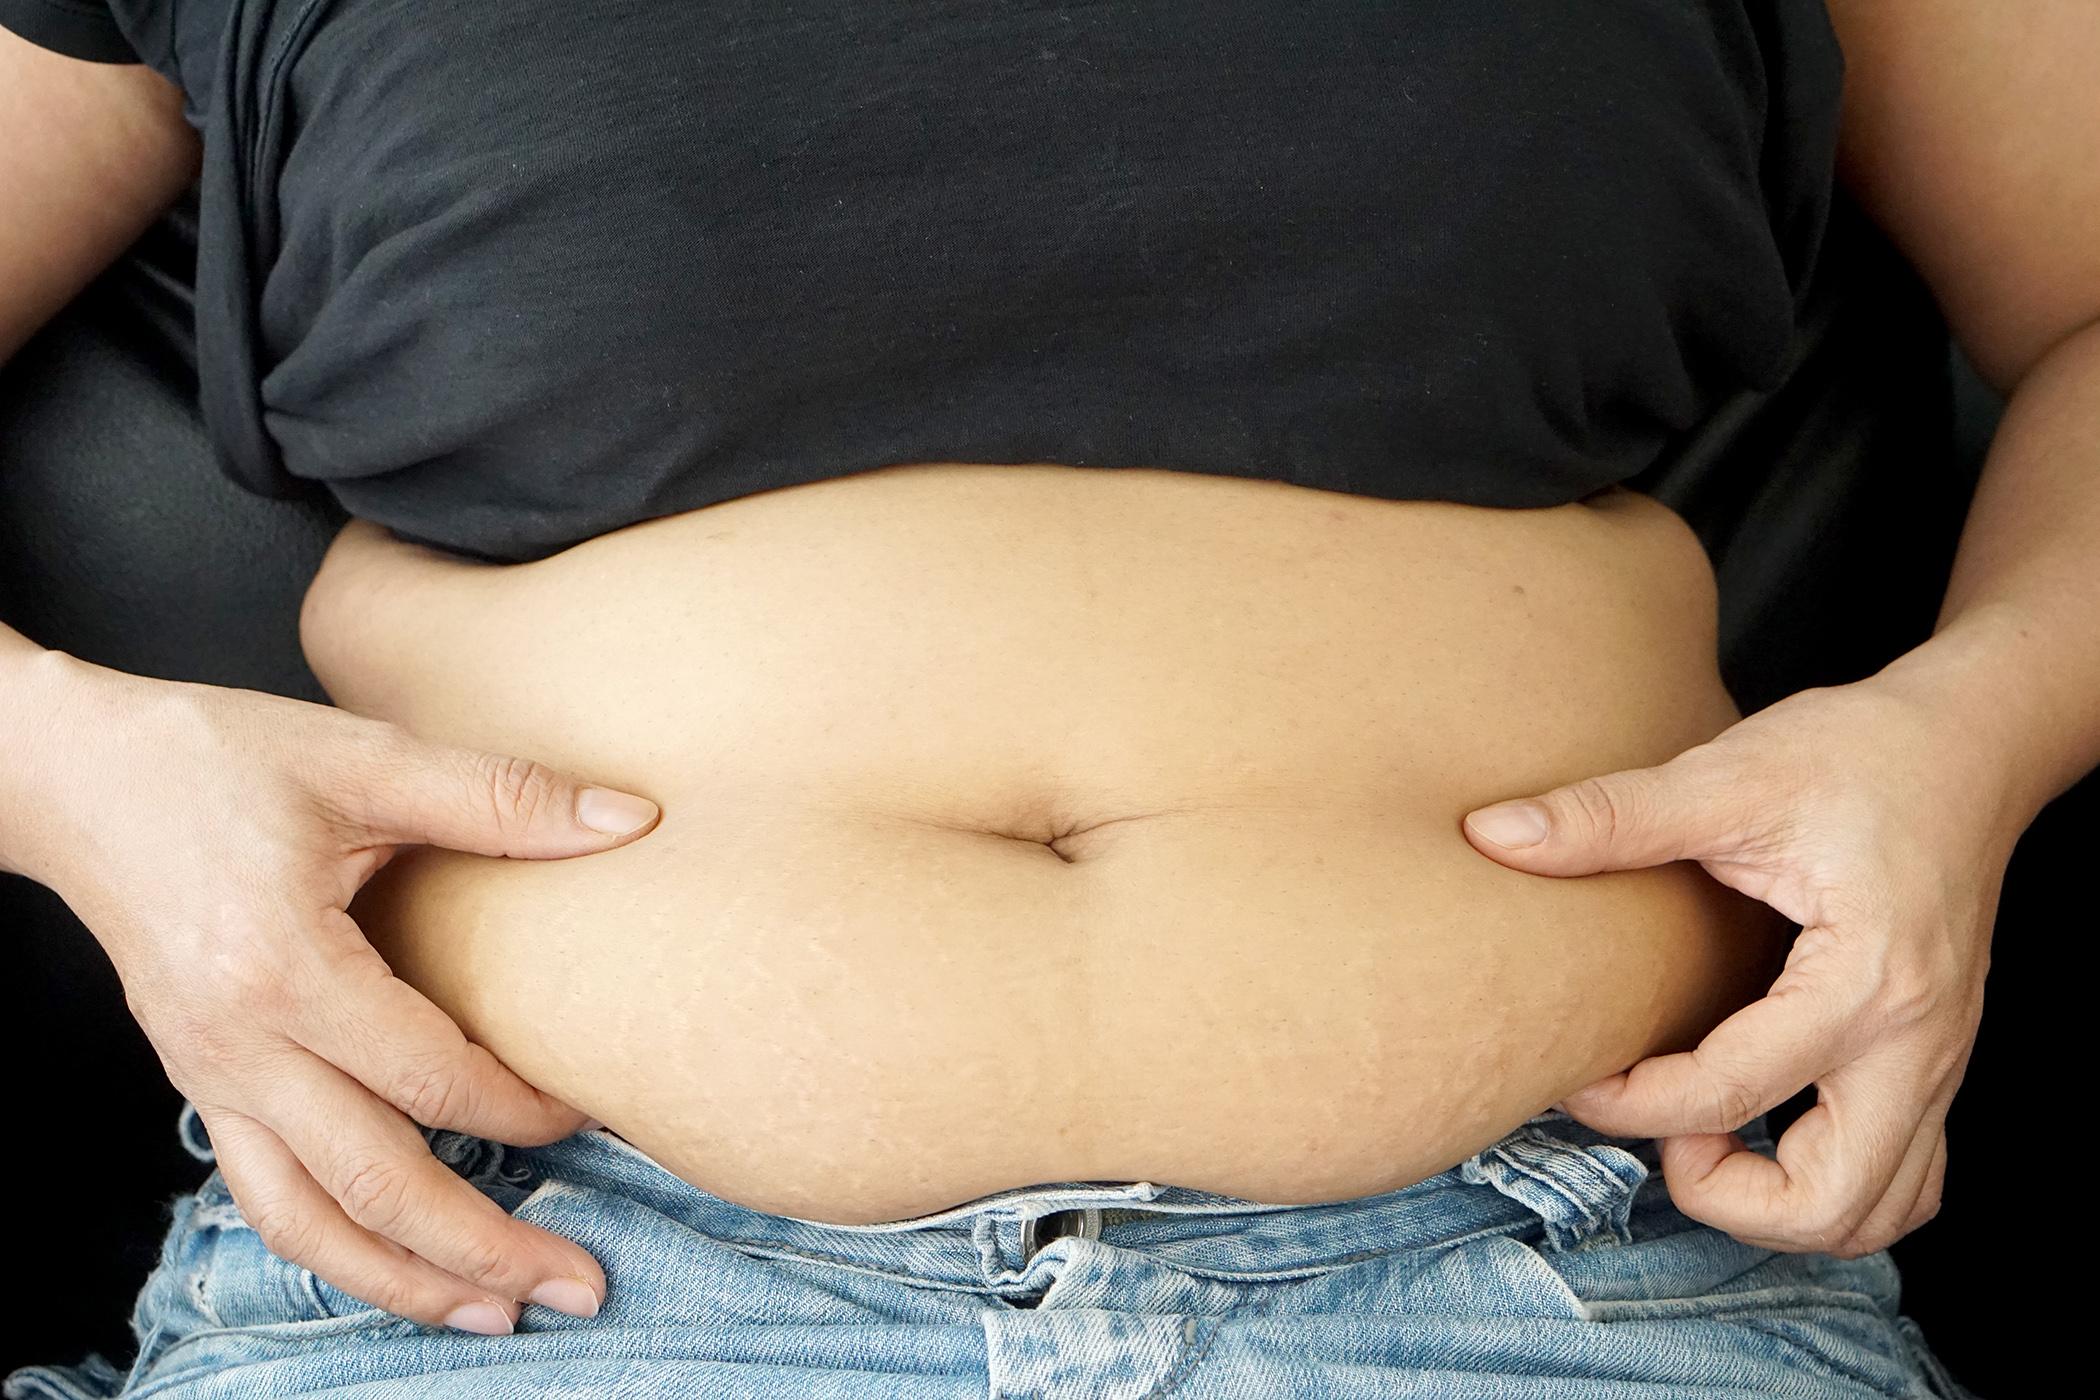 fogyhatsz 40 után maximális fogyás lehetséges egy hónap alatt